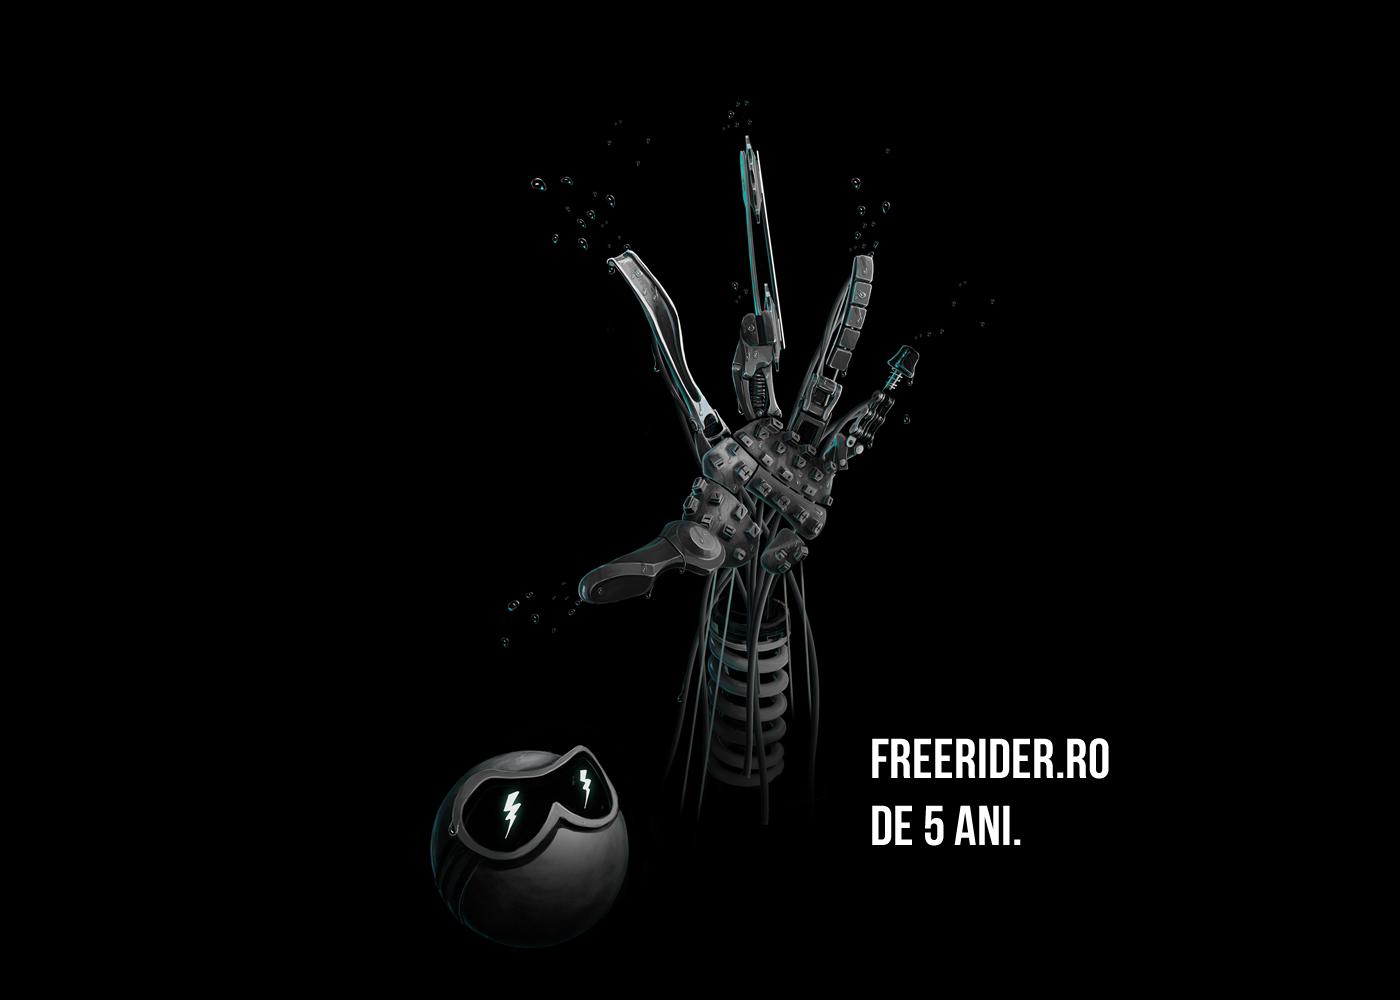 freerider_5_ani